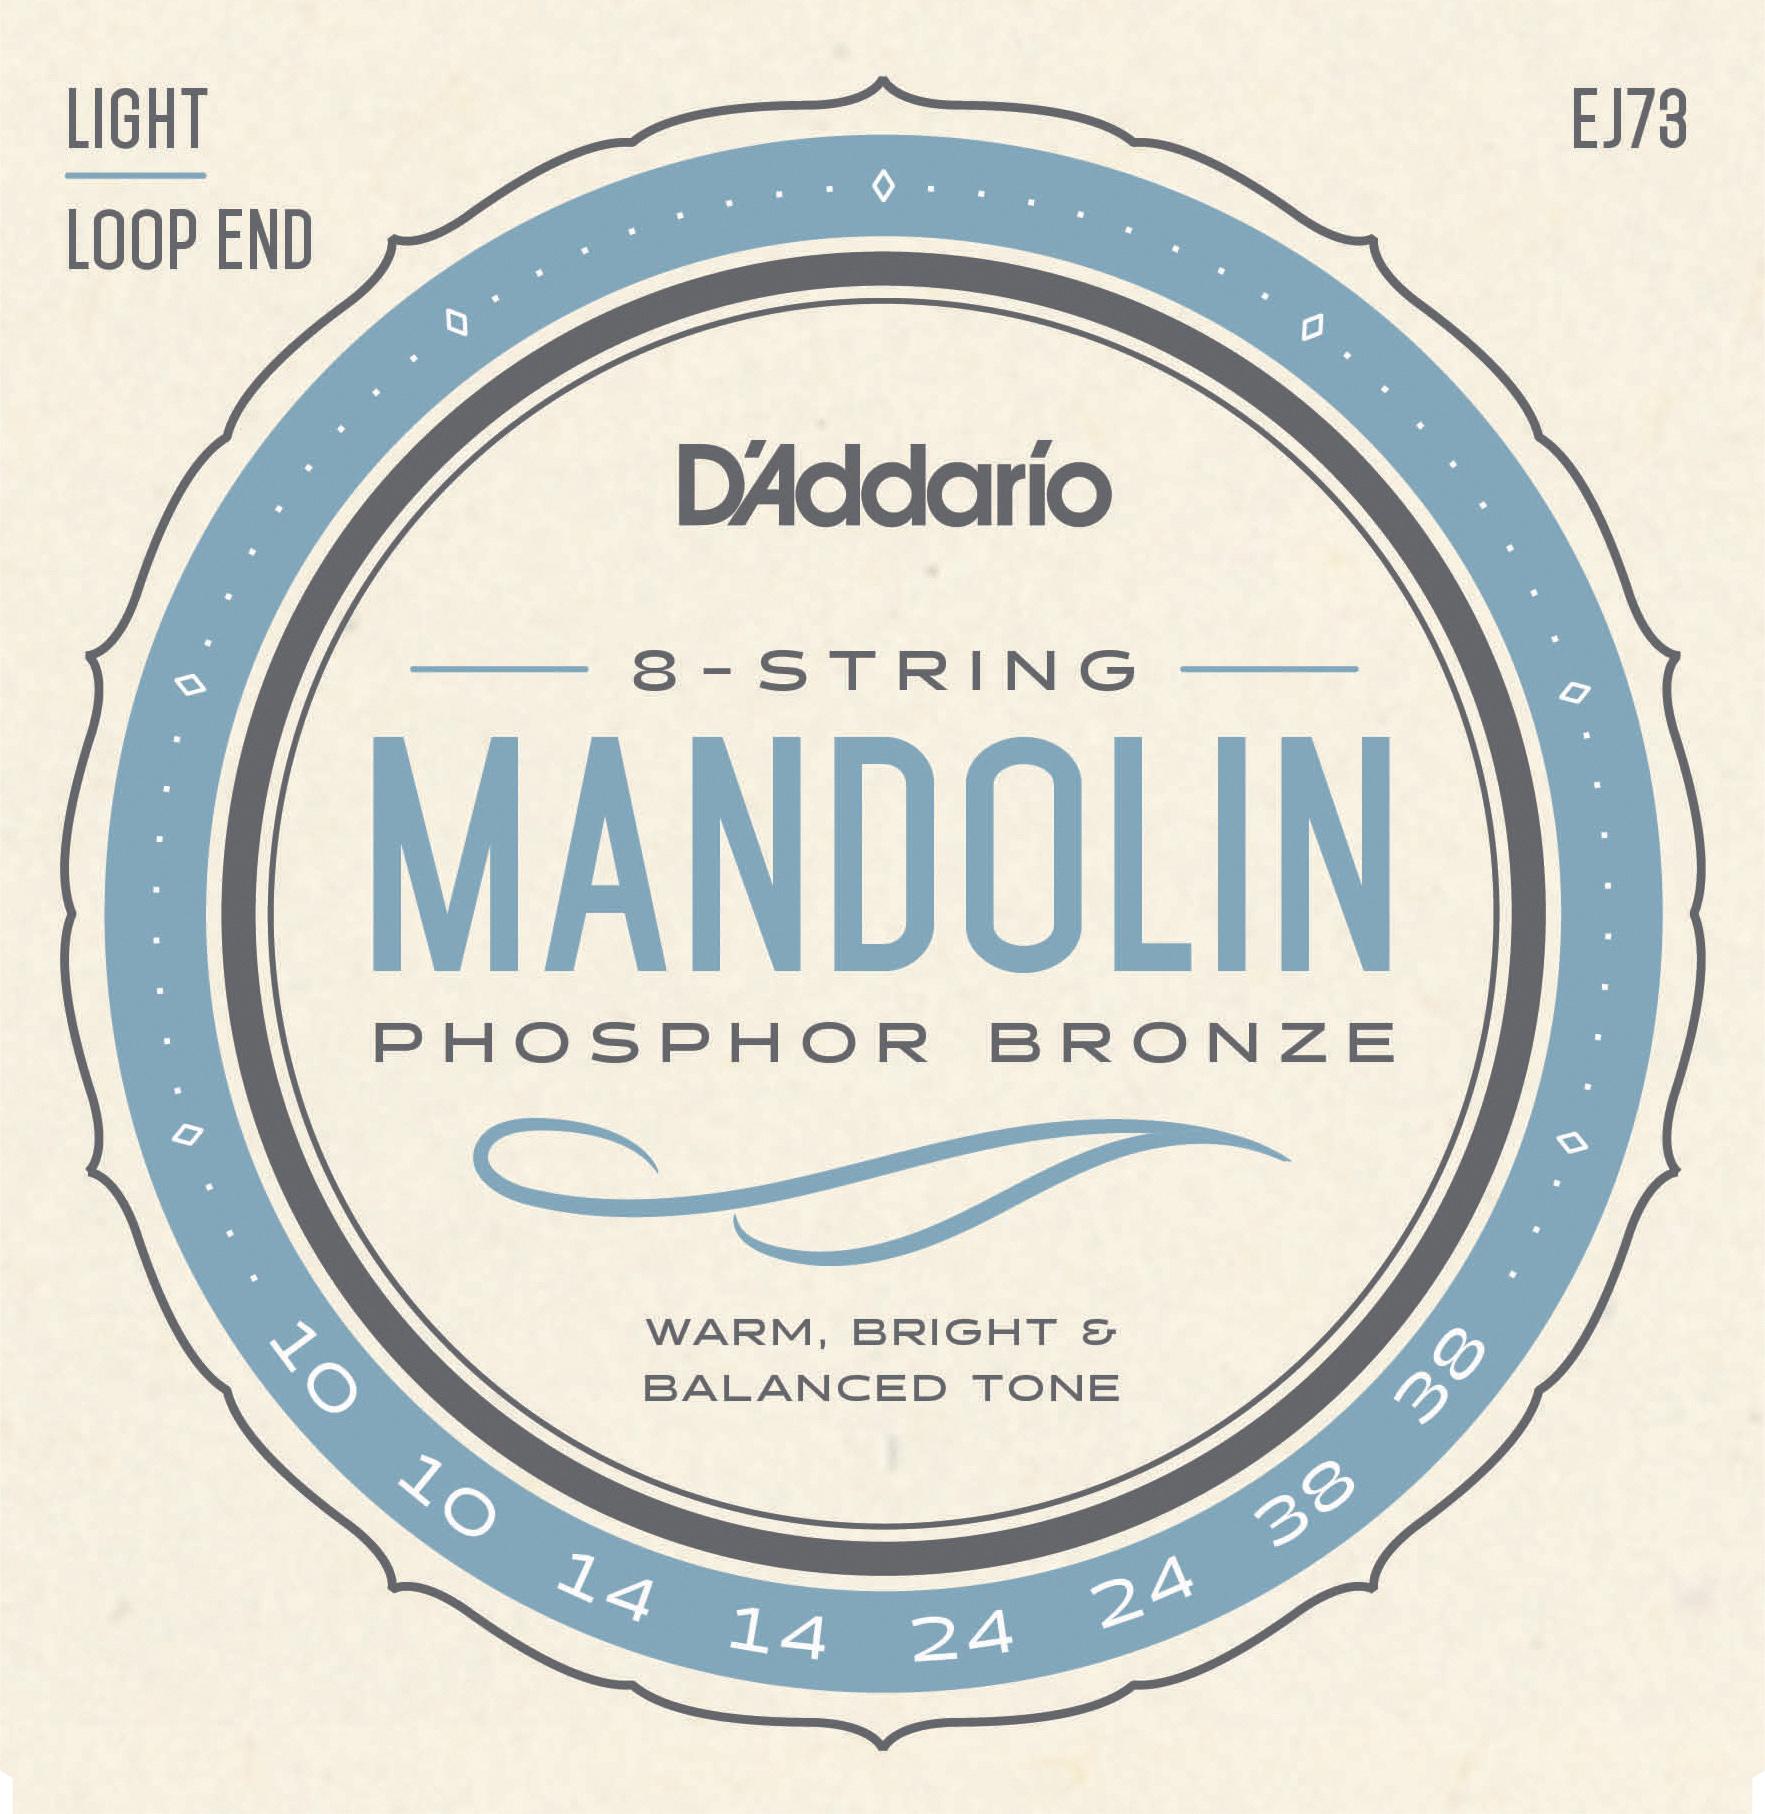 D'Addario Phosphor Bronze EJ73 Mandolin Strings, Light, 10-38